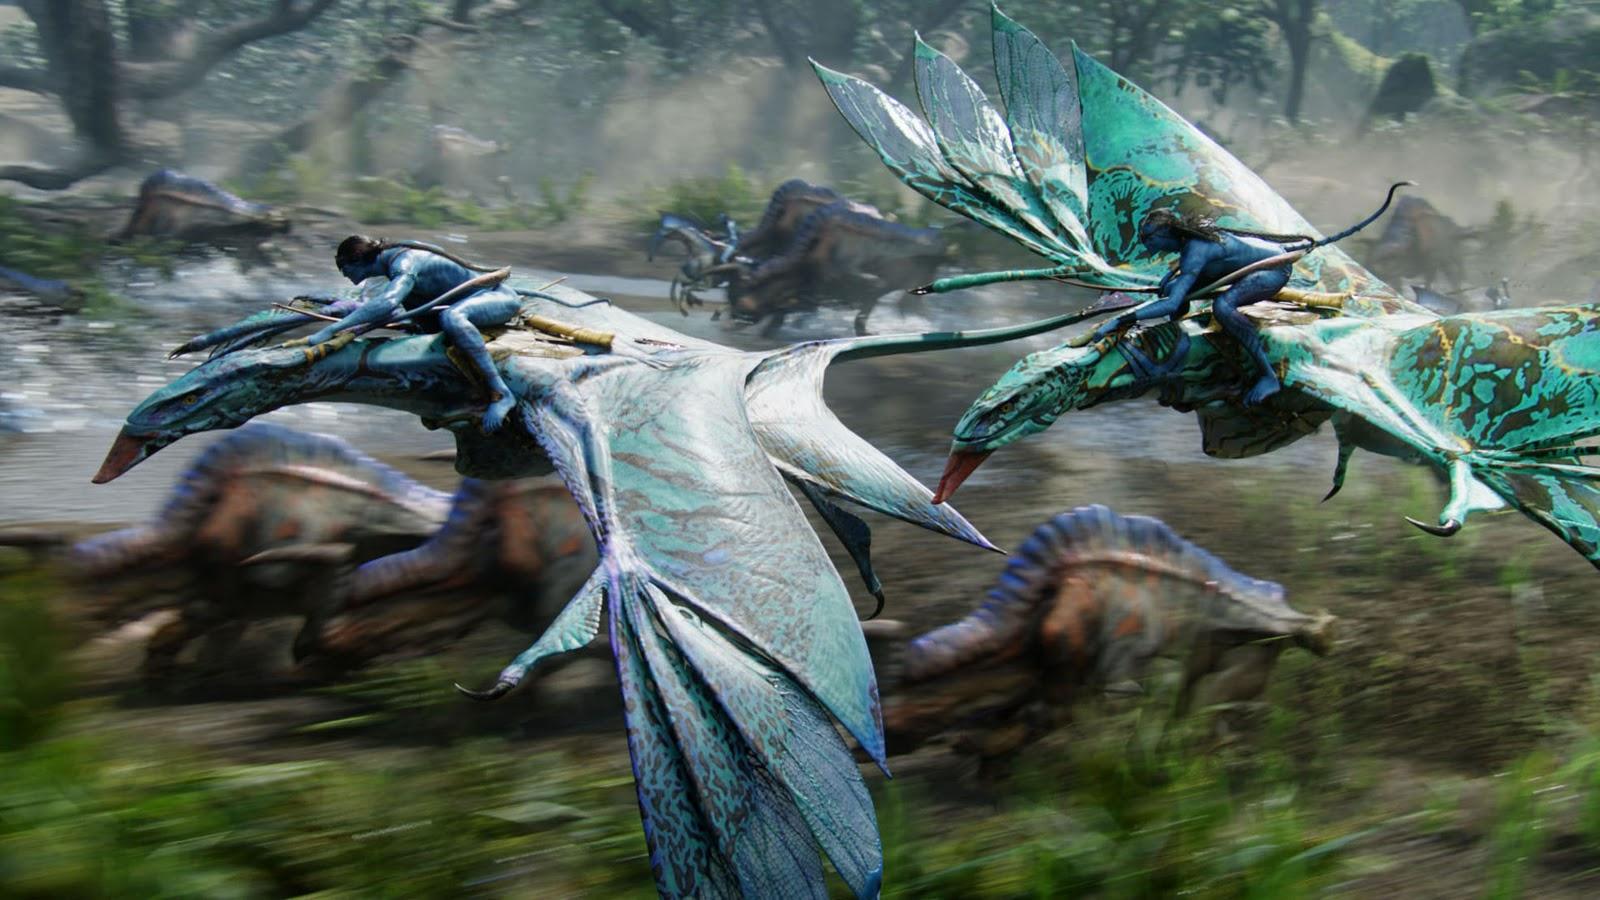 RISK I. DIA 0 (REPARTIDOS LOS GRUPOS) - Página 6 Avatar_special_edition_movie_image_02